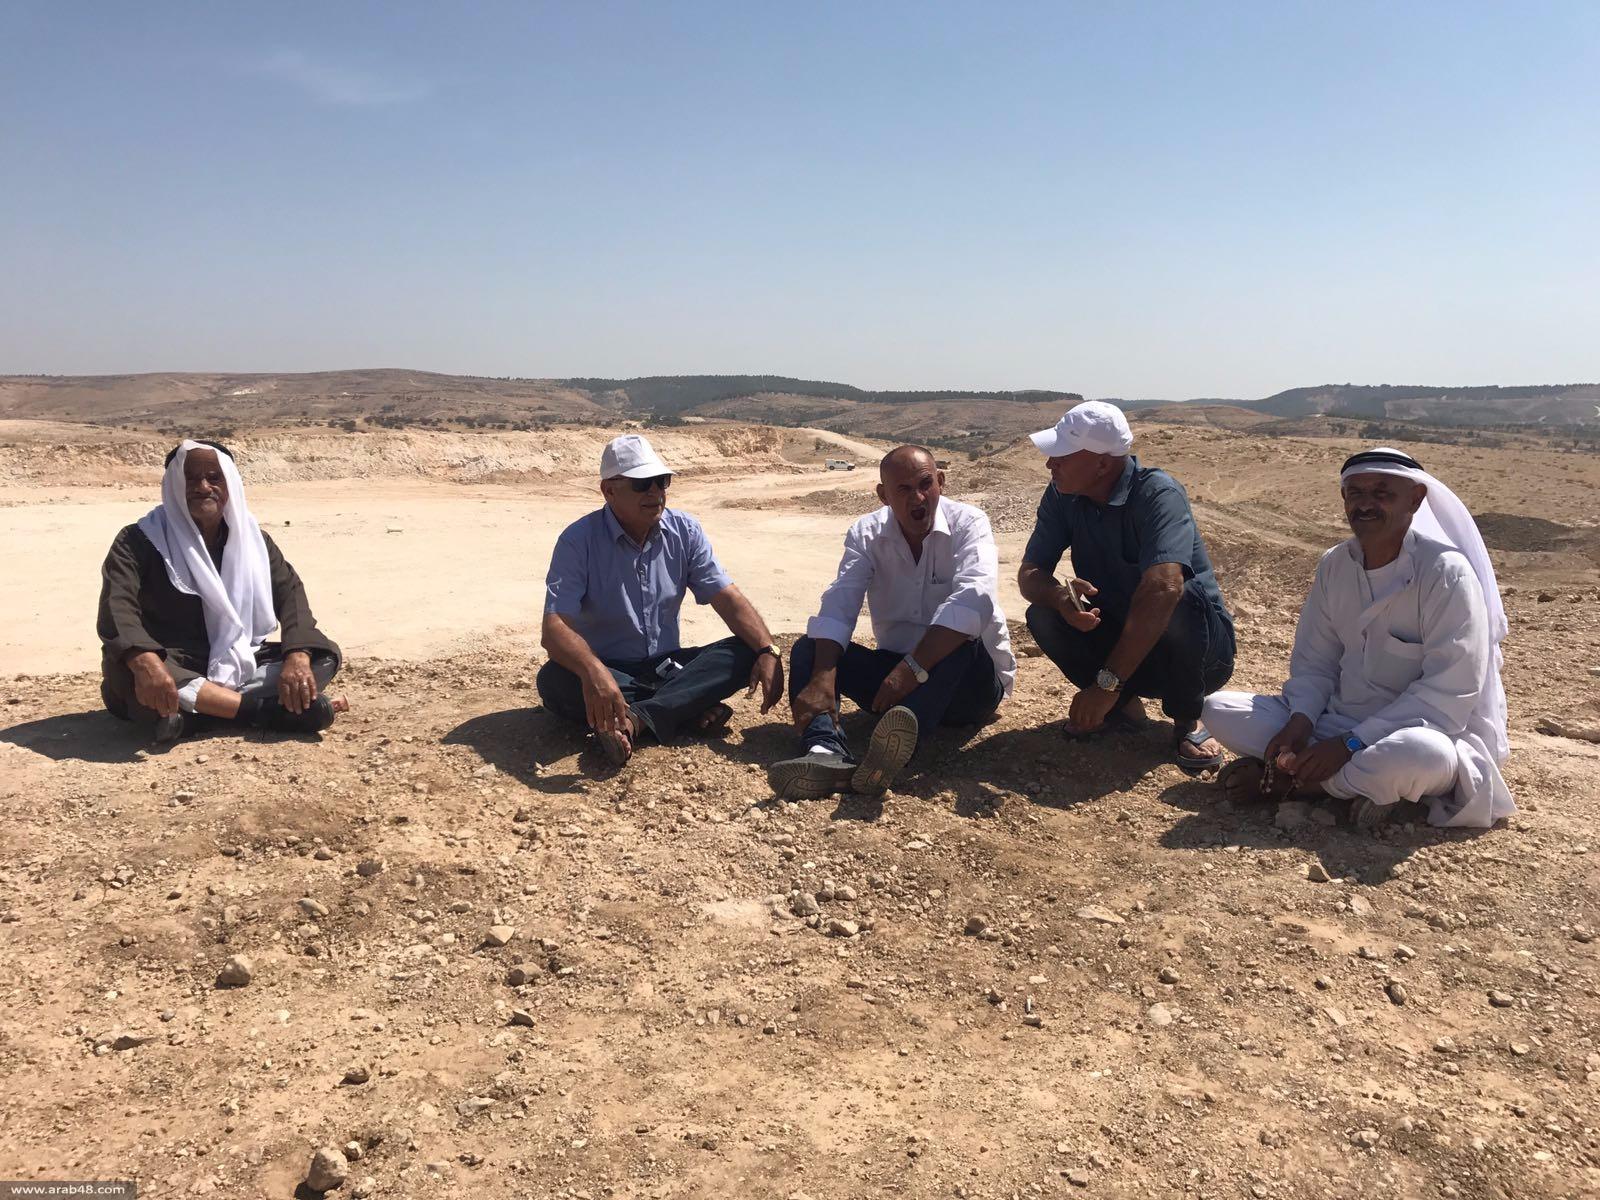 الزبارقة يطالب بإيقاف العمل وتسريح المعتقلين من أم الحيران